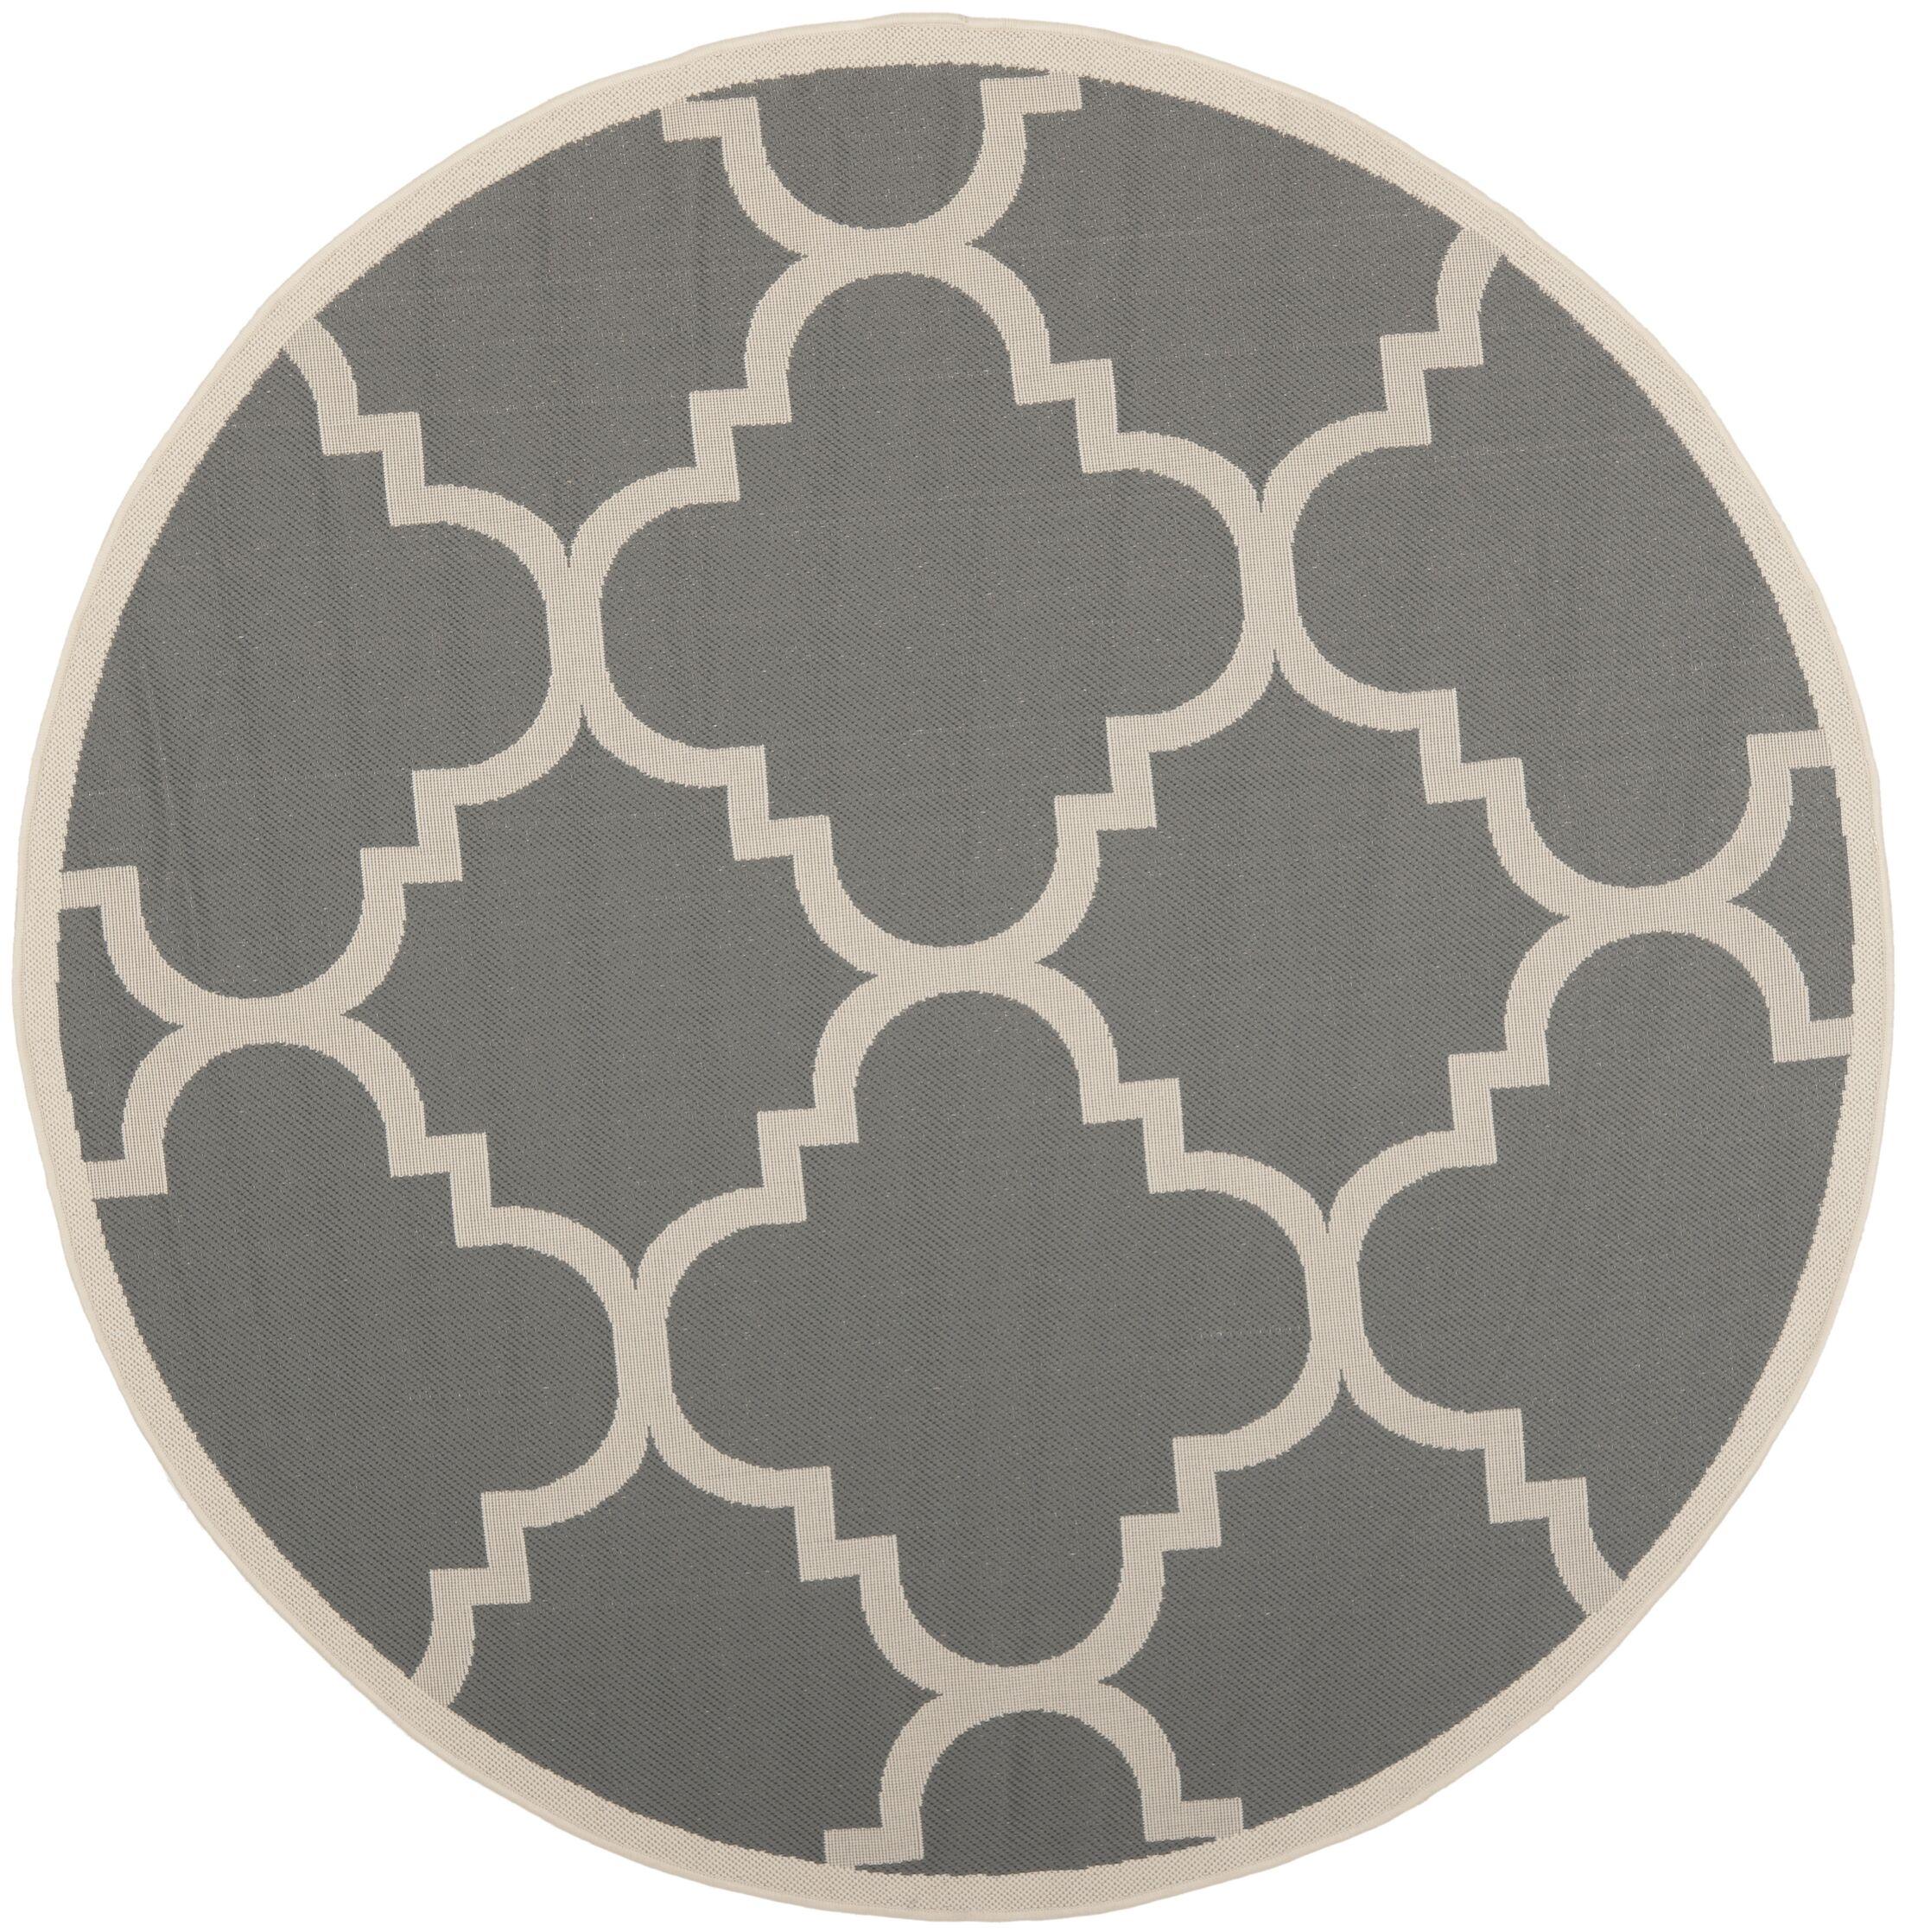 Octavius Gray/Beige Indoor/Outdoor Area Rug Rug Size: Round 4'